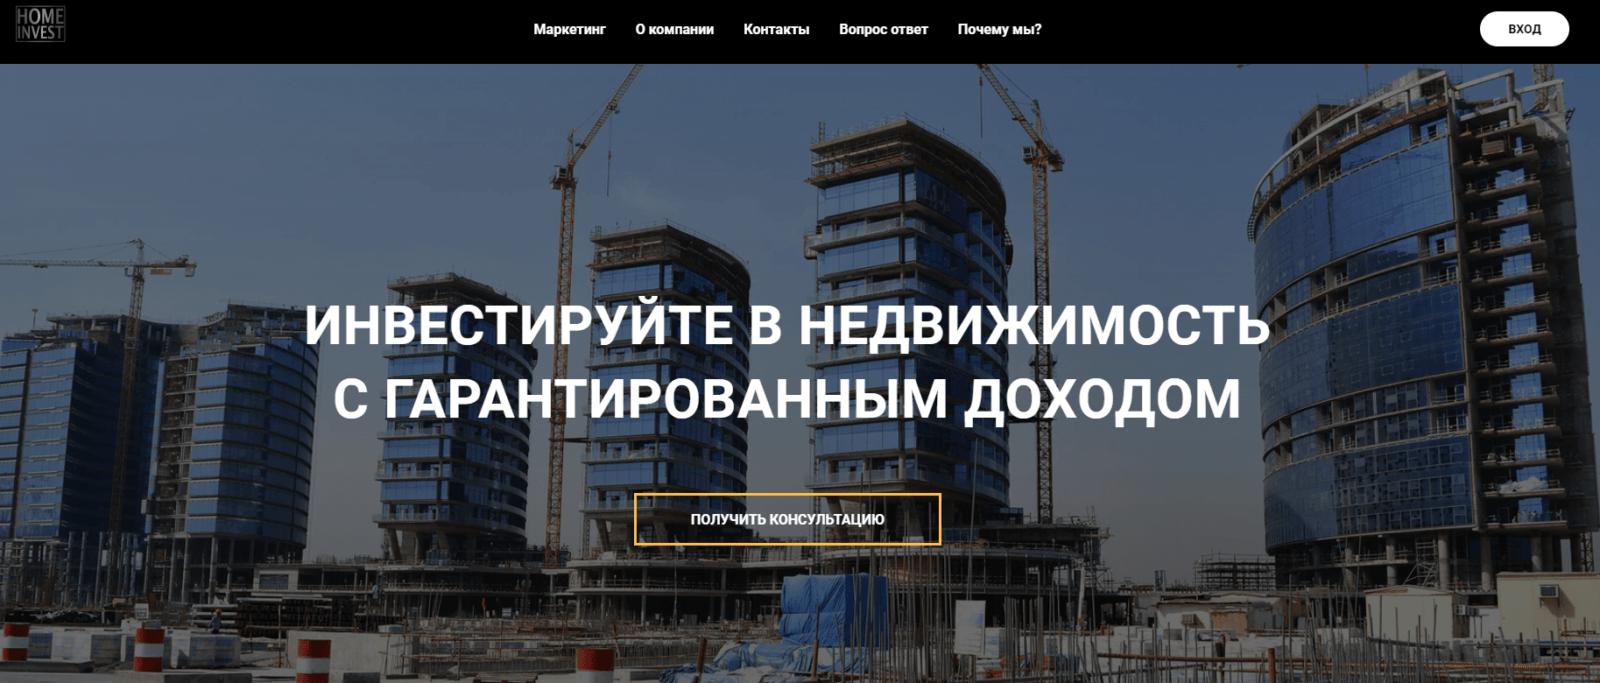 Официальный сайт компании Home Invest